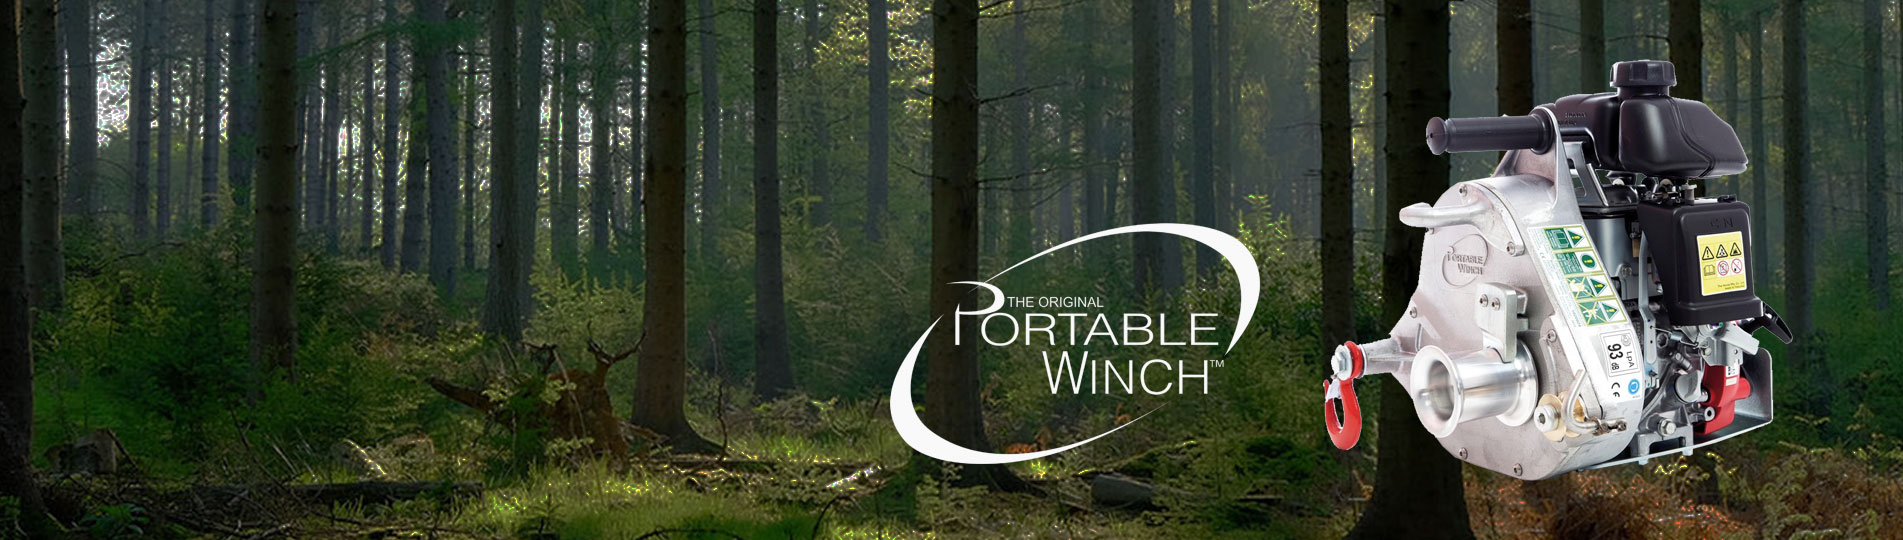 Portable Winch